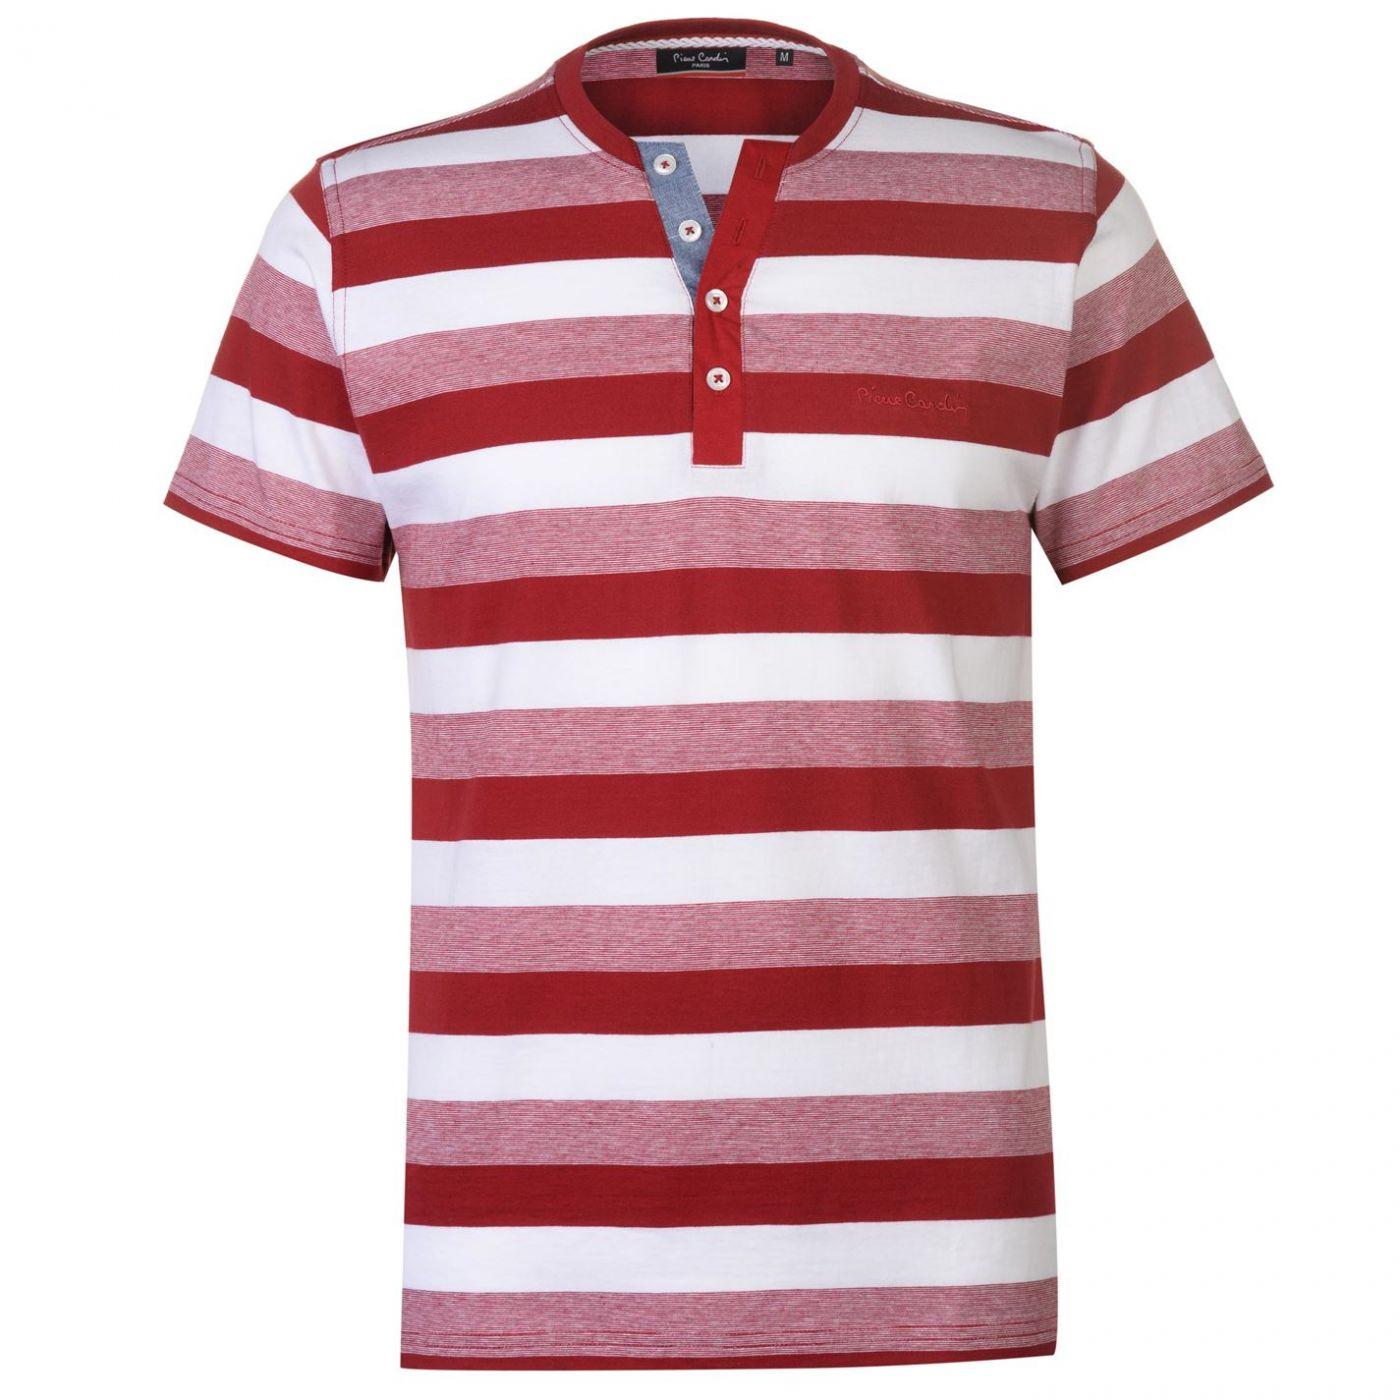 Pierre Cardin Y Neck Stripe T Shirt Mens